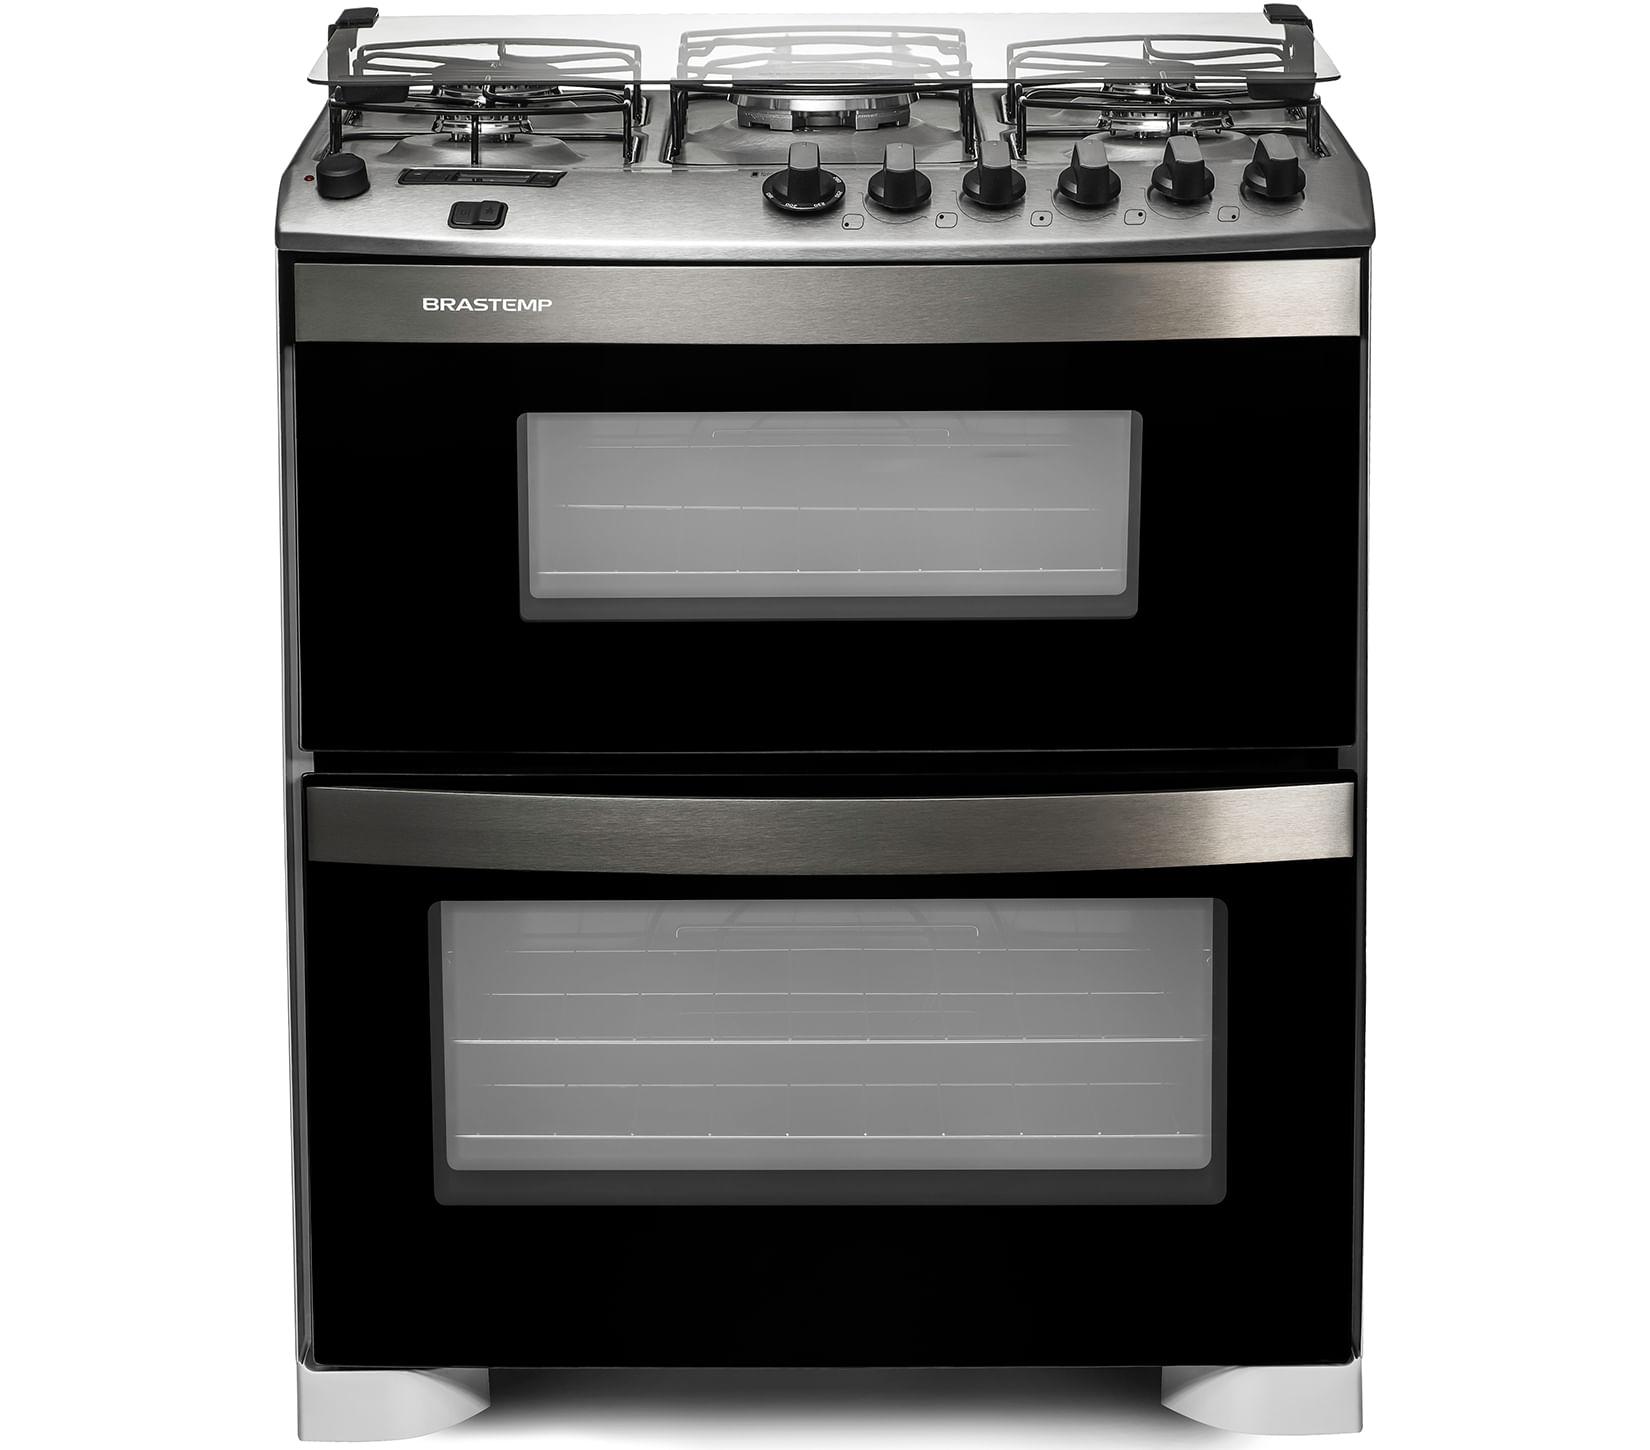 Fogão Brastemp 5 bocas duplo forno Branco com quadrichama e timer digital